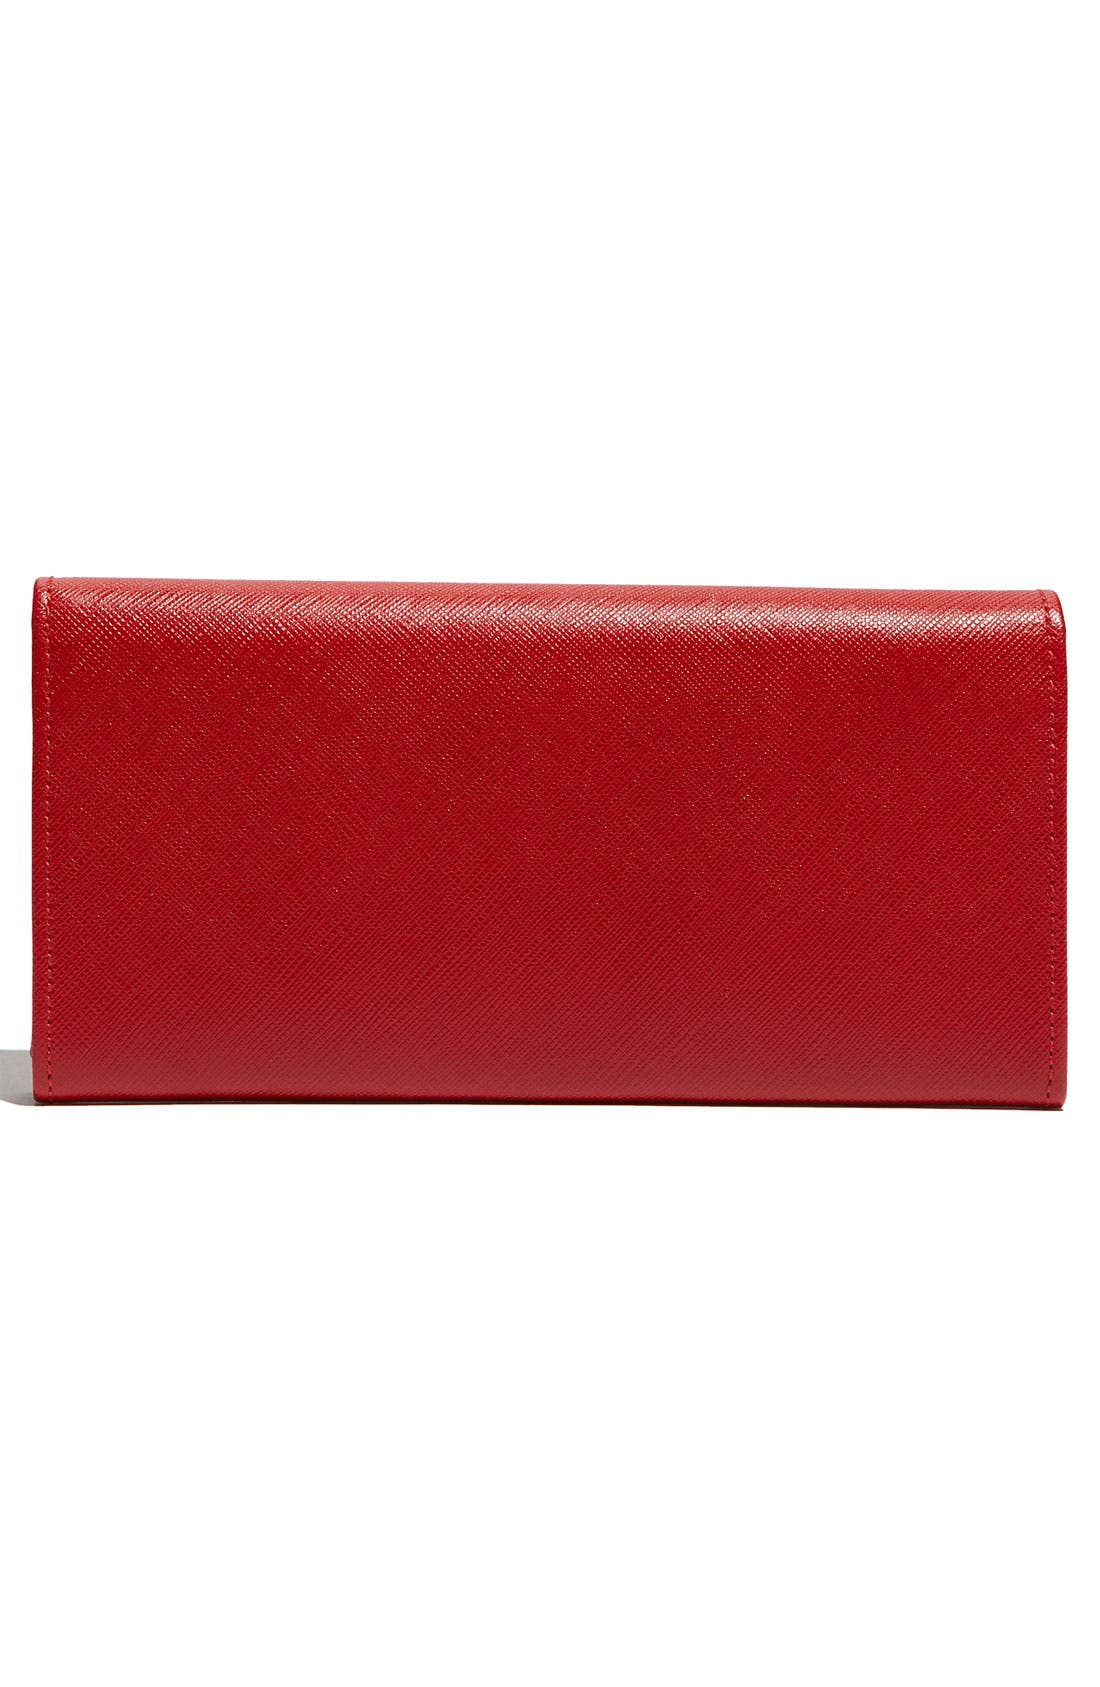 Alternate Image 4  - Salvatore Ferragamo 'Gancini Icona' Saffiano Leather Wallet